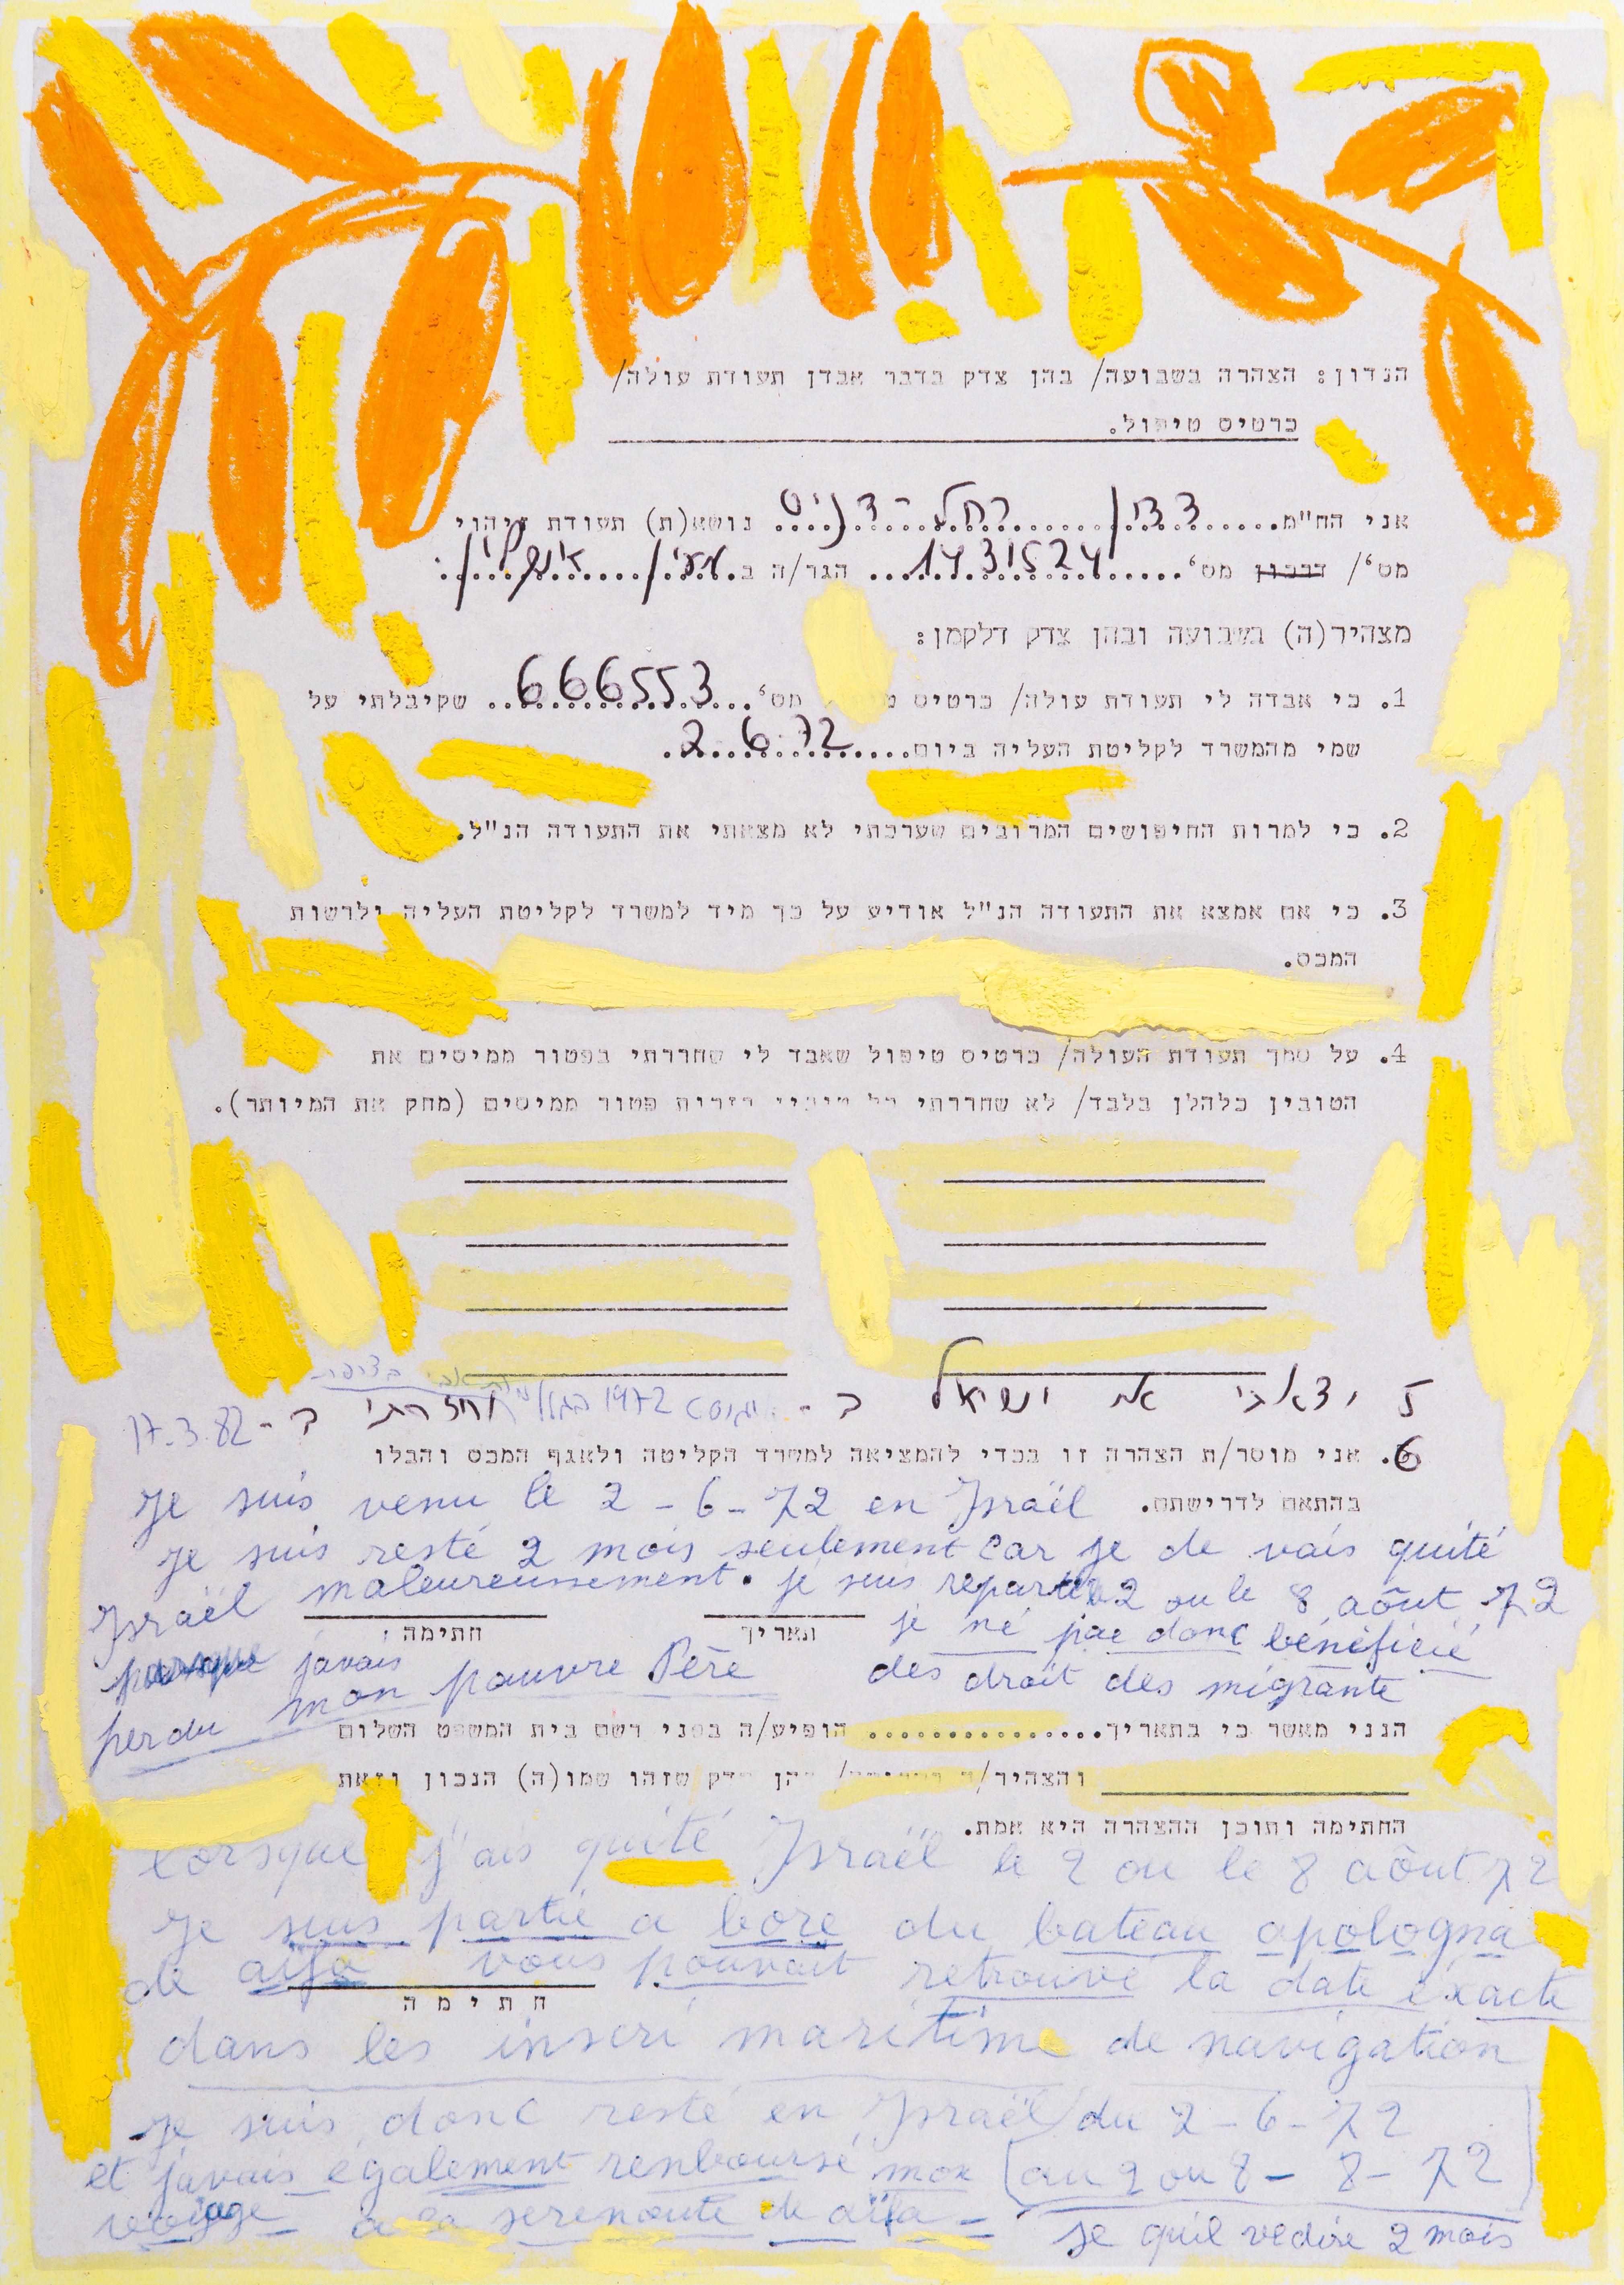 Yosef Joseph Dadoune Certificat sur l'honneur de perte d